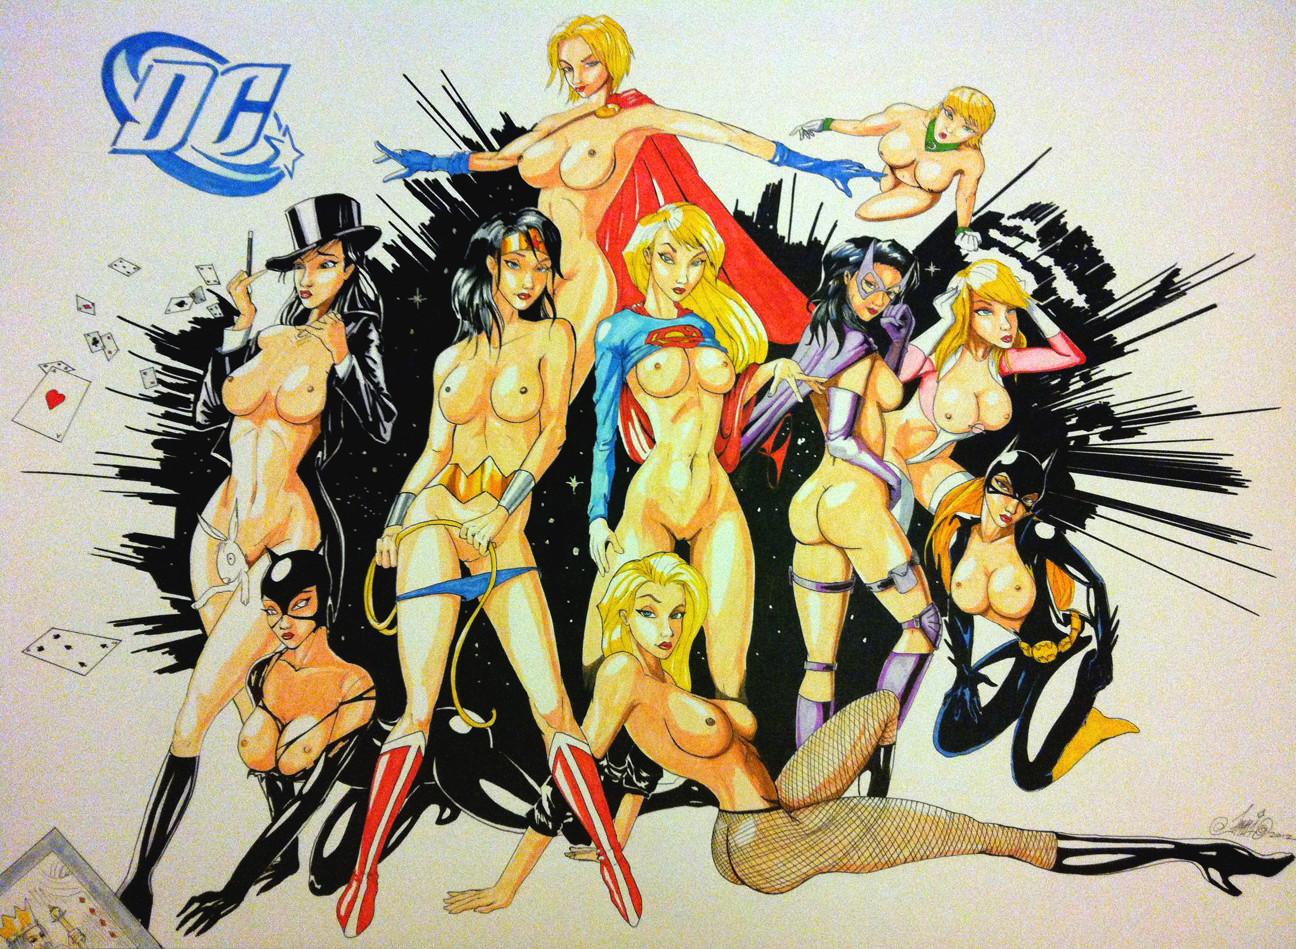 Hot comic girl nude